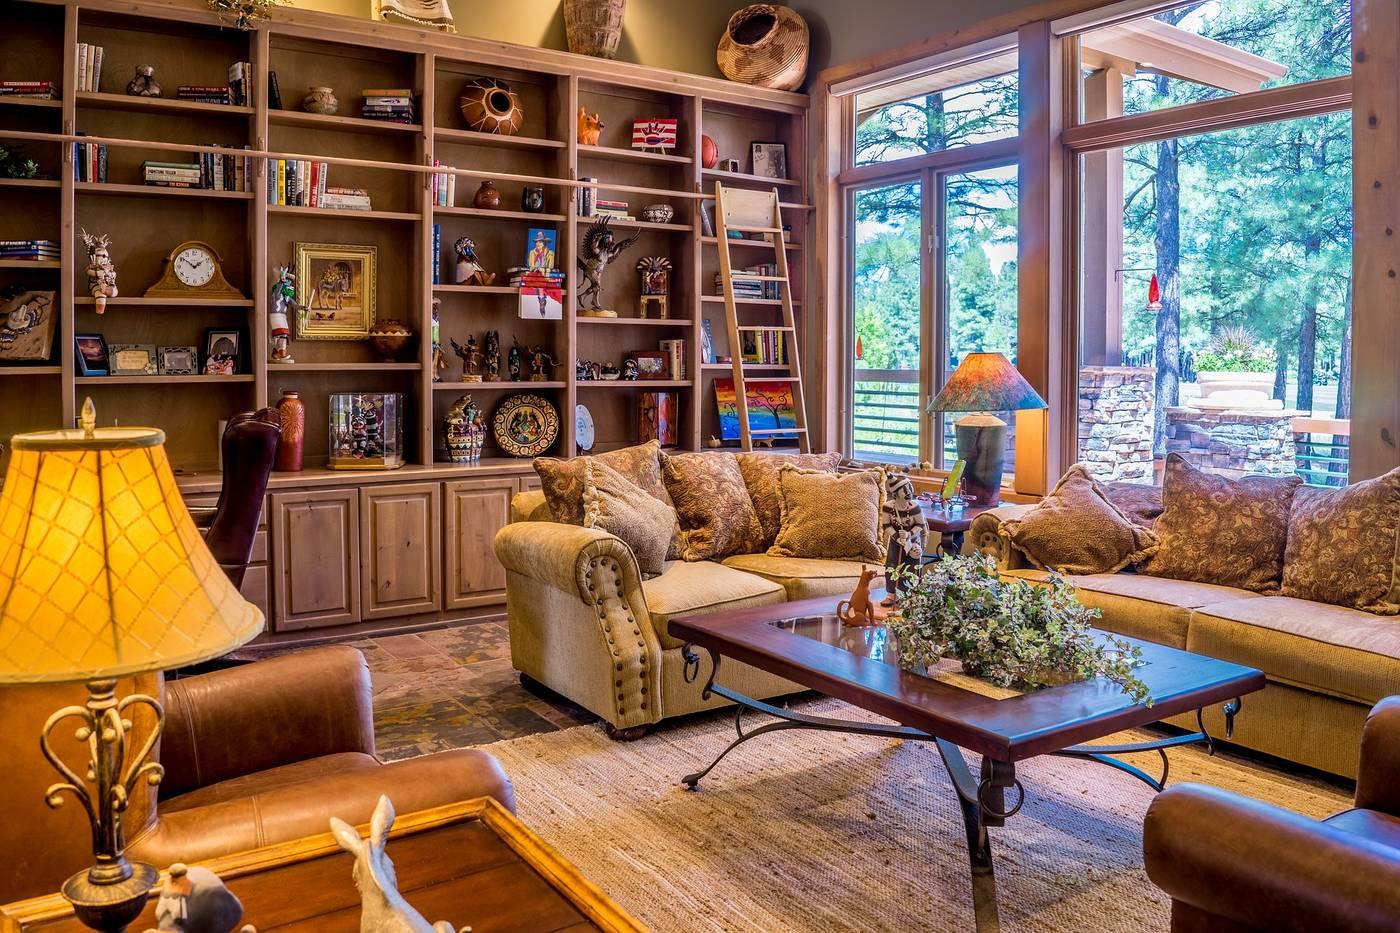 interior-1961070_1920.jpg